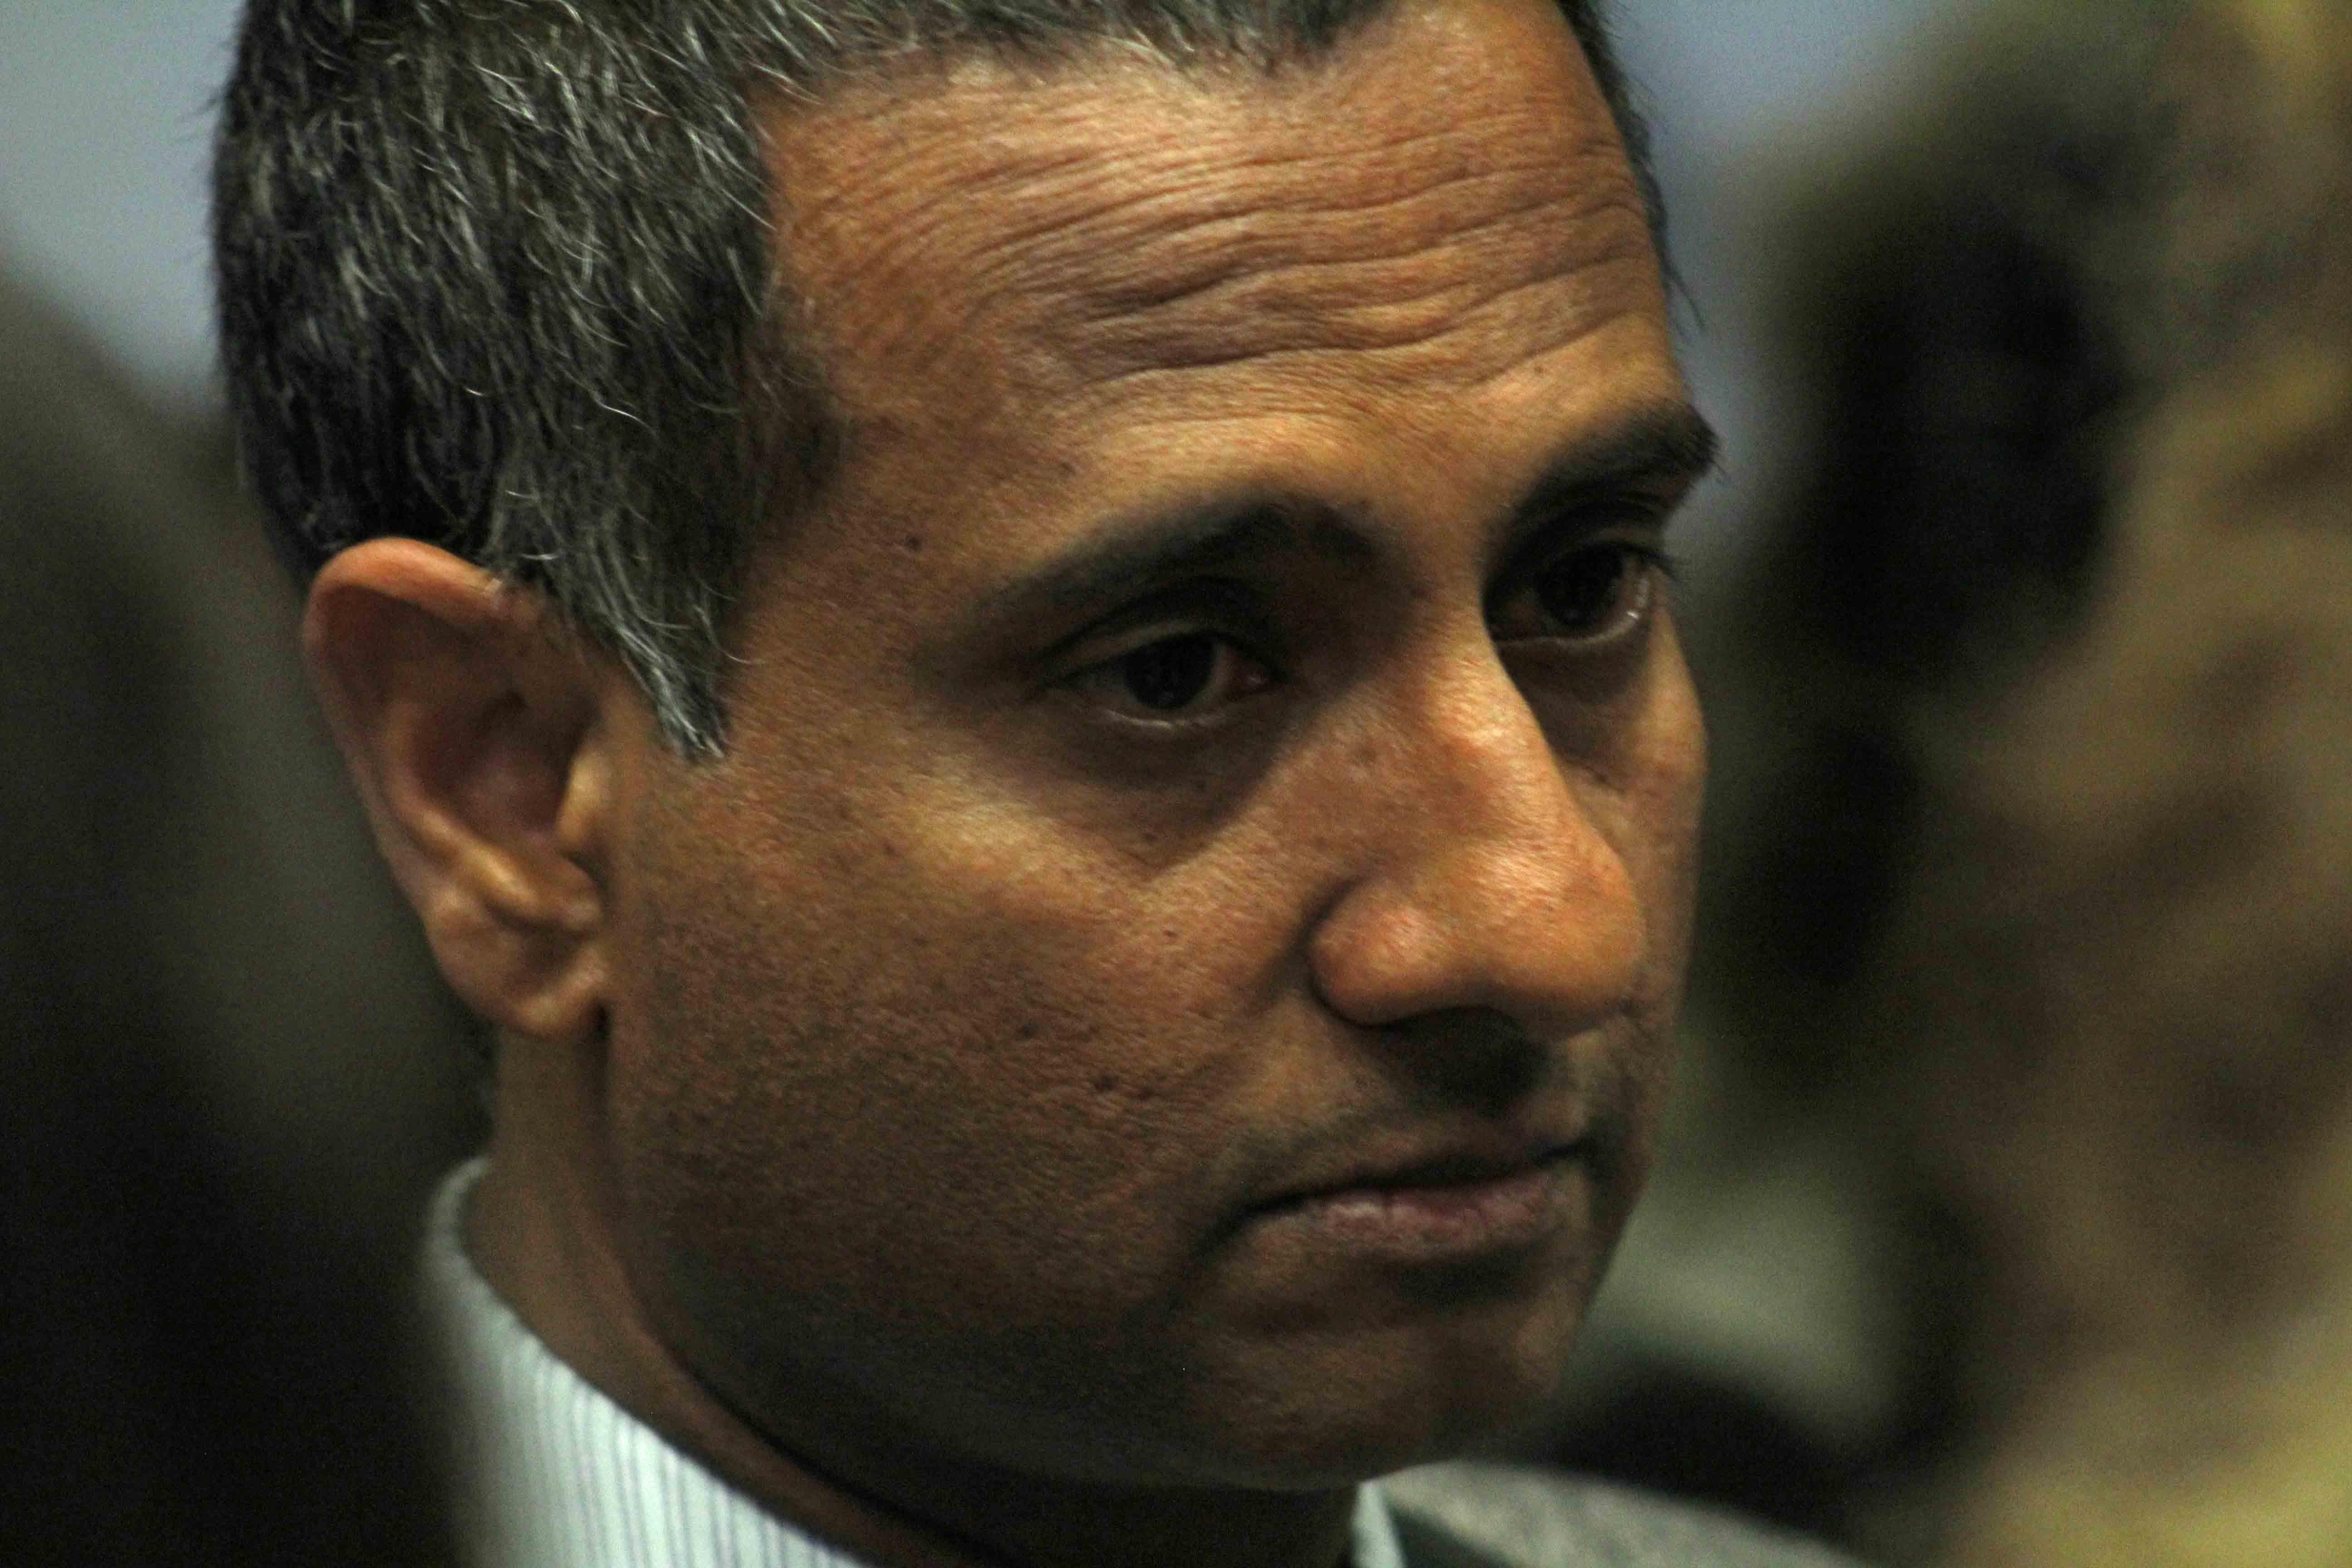 احمد شهید: از آقای روحانی خواستهام که به ایران دعوتم کند